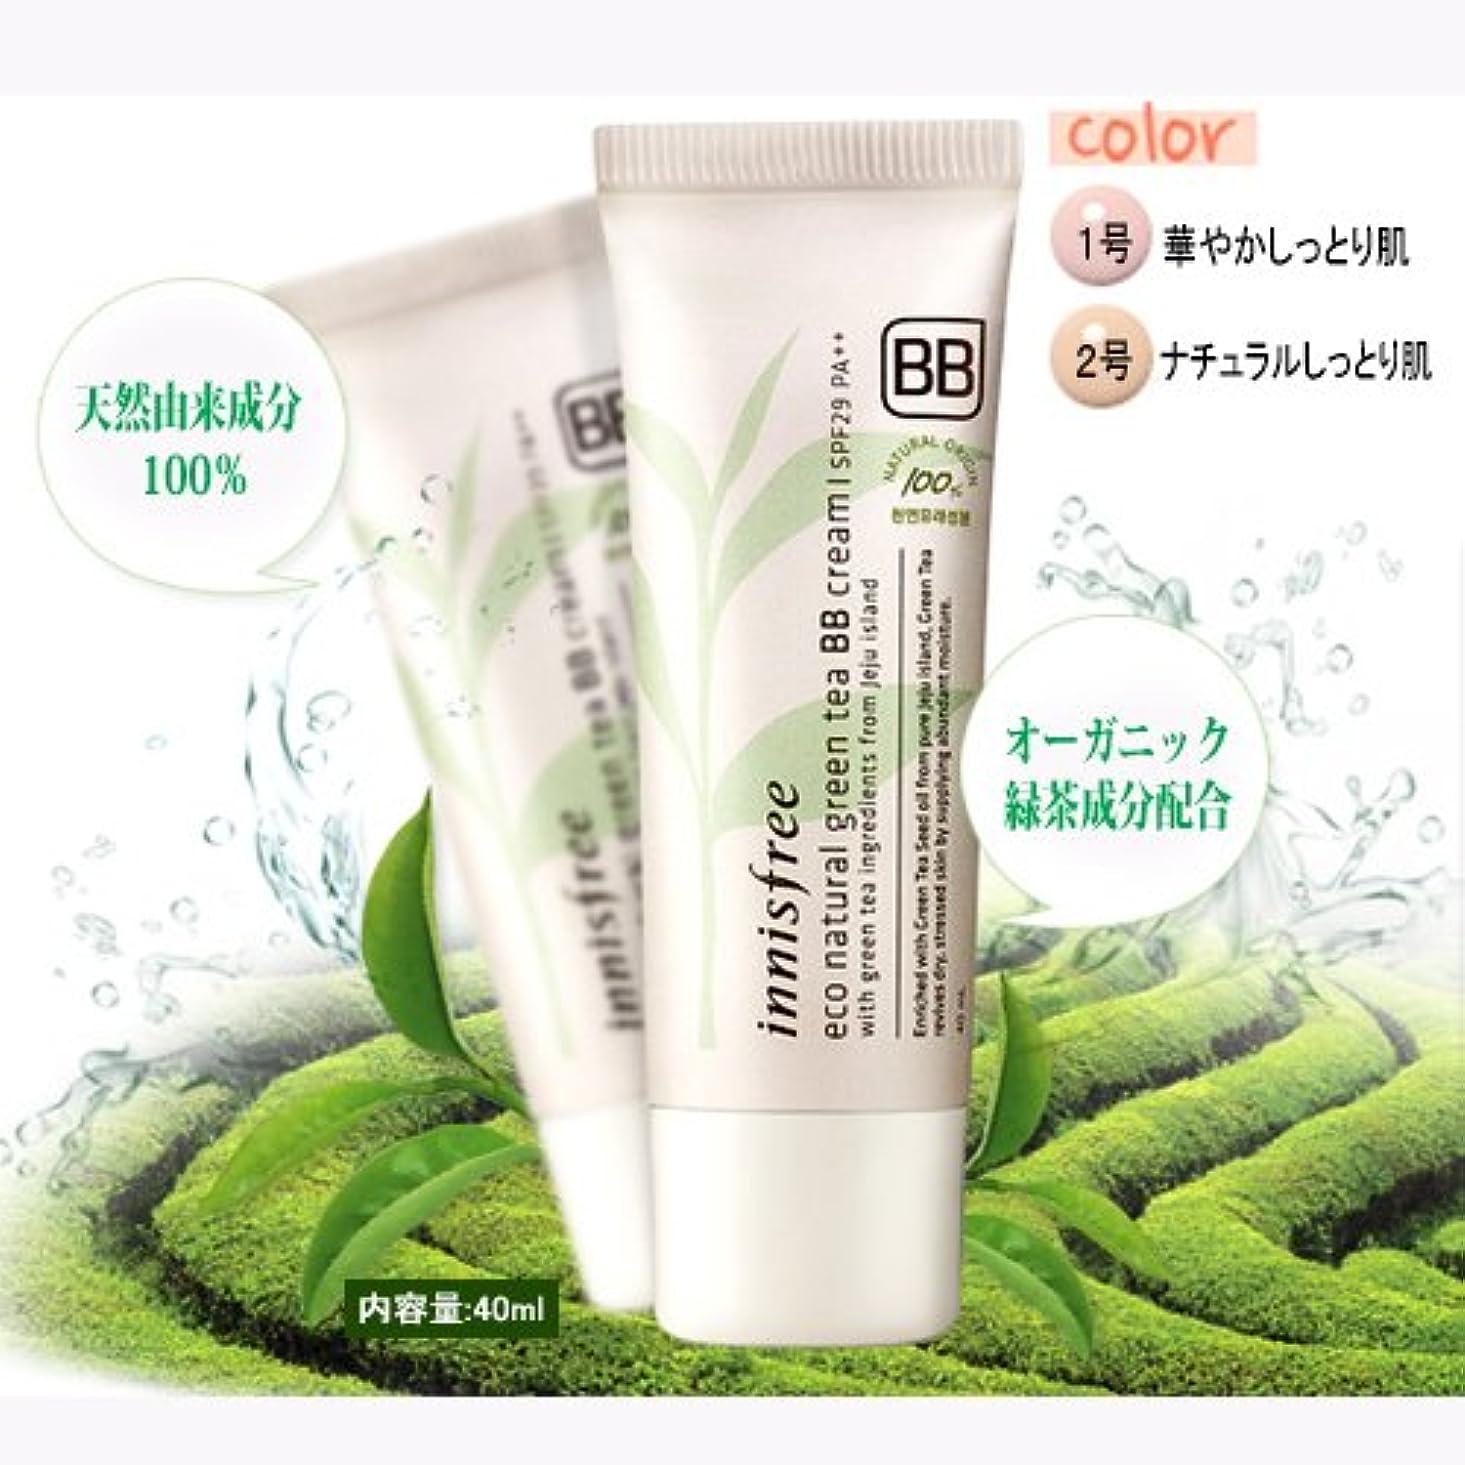 逮捕だます飛躍innisfree/イニスフリー Eco Natural Green Tea BB Cream #01 /エコナチュラルグリーンティーBBクリーム 華やかなしっとり肌 SPF29PA++40ml